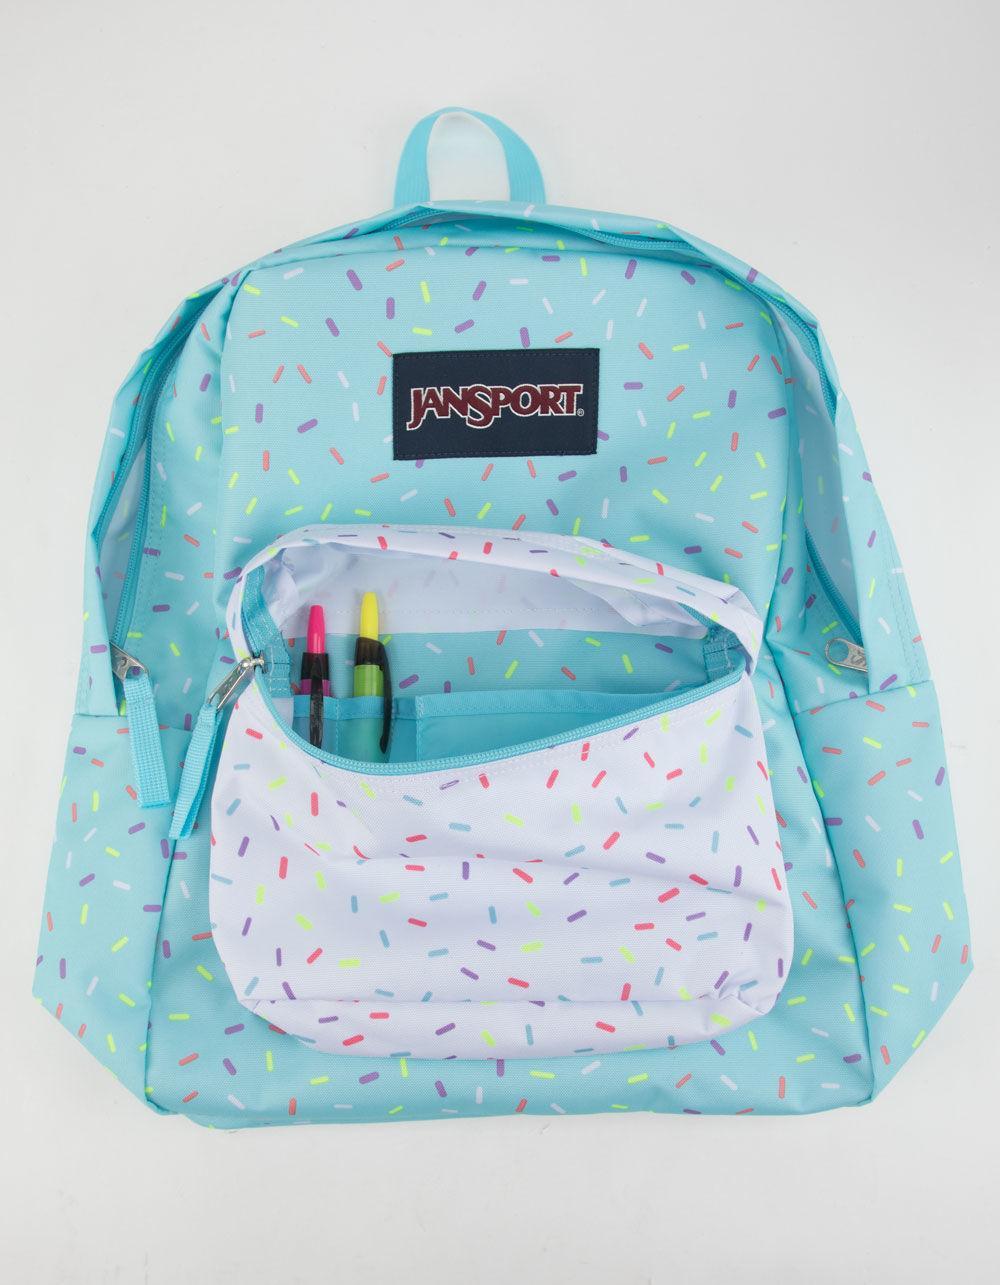 Jansport Superbreak Blue Topaz Sprinkle Me Backpack